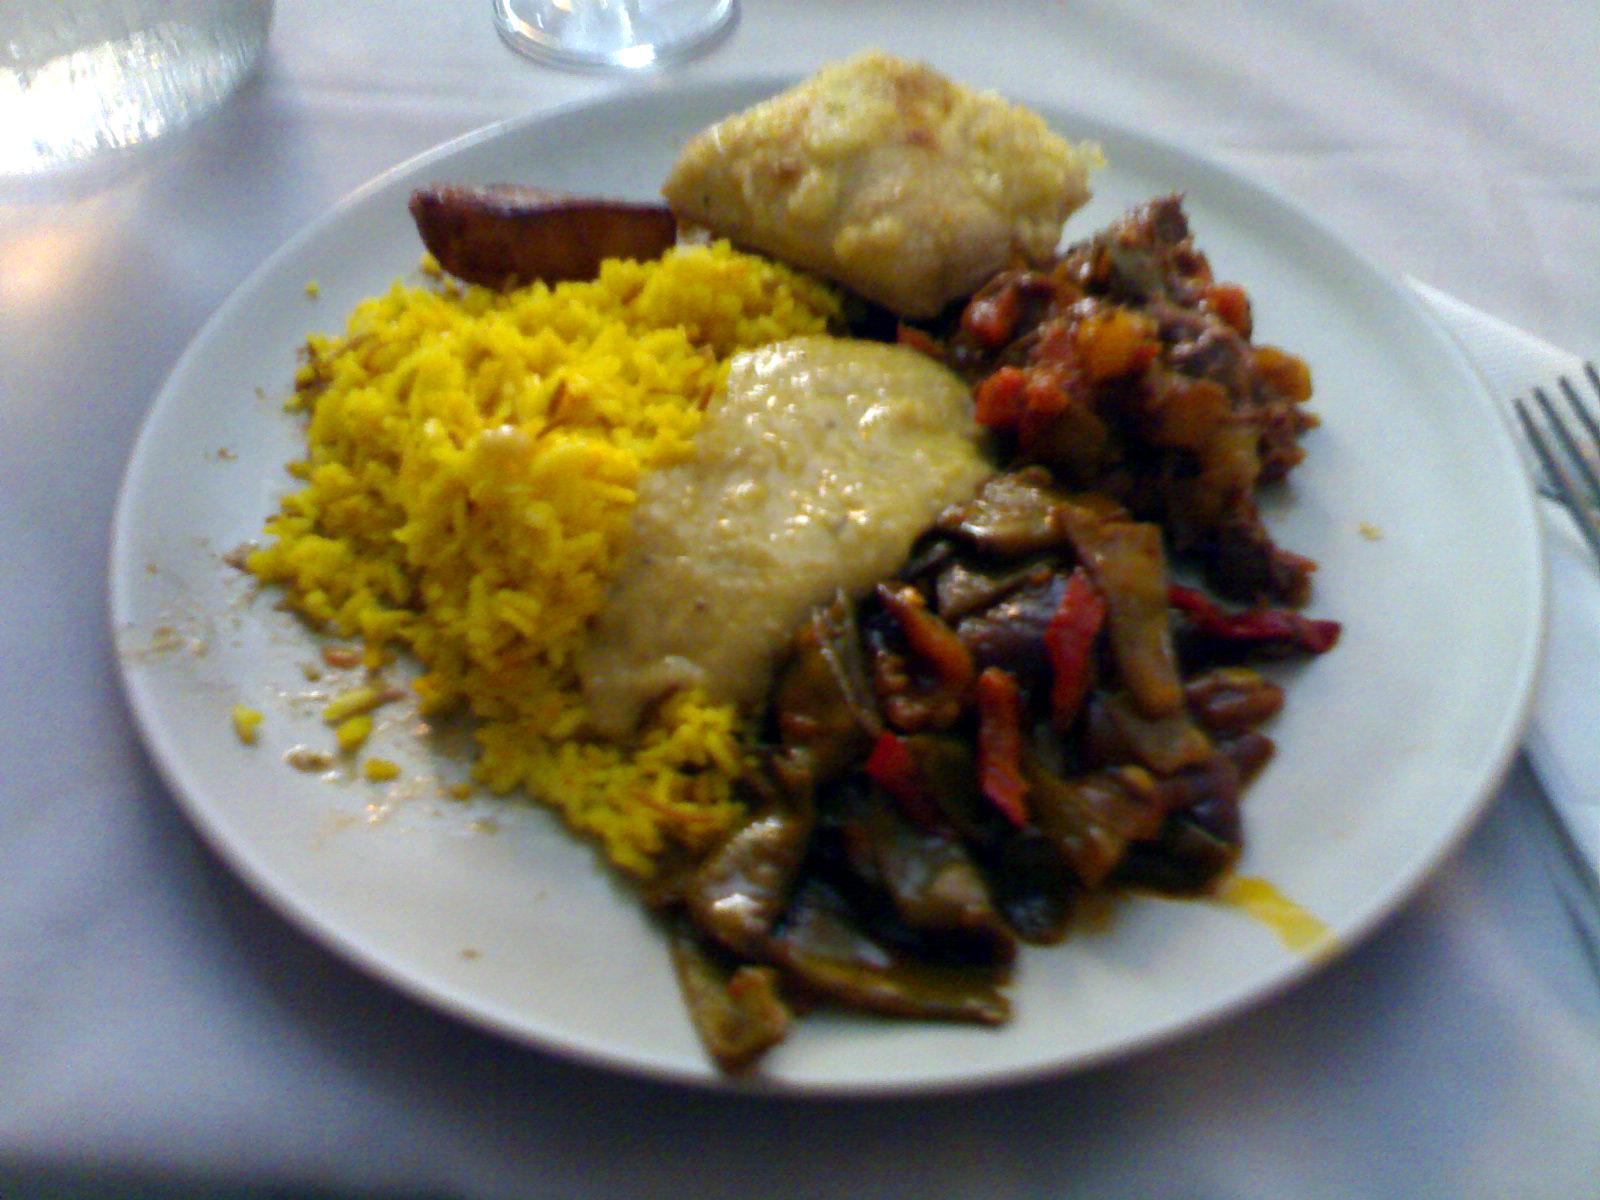 Ravintola Mezopotamya/Café Caisa, Helsinki: lounas buffet